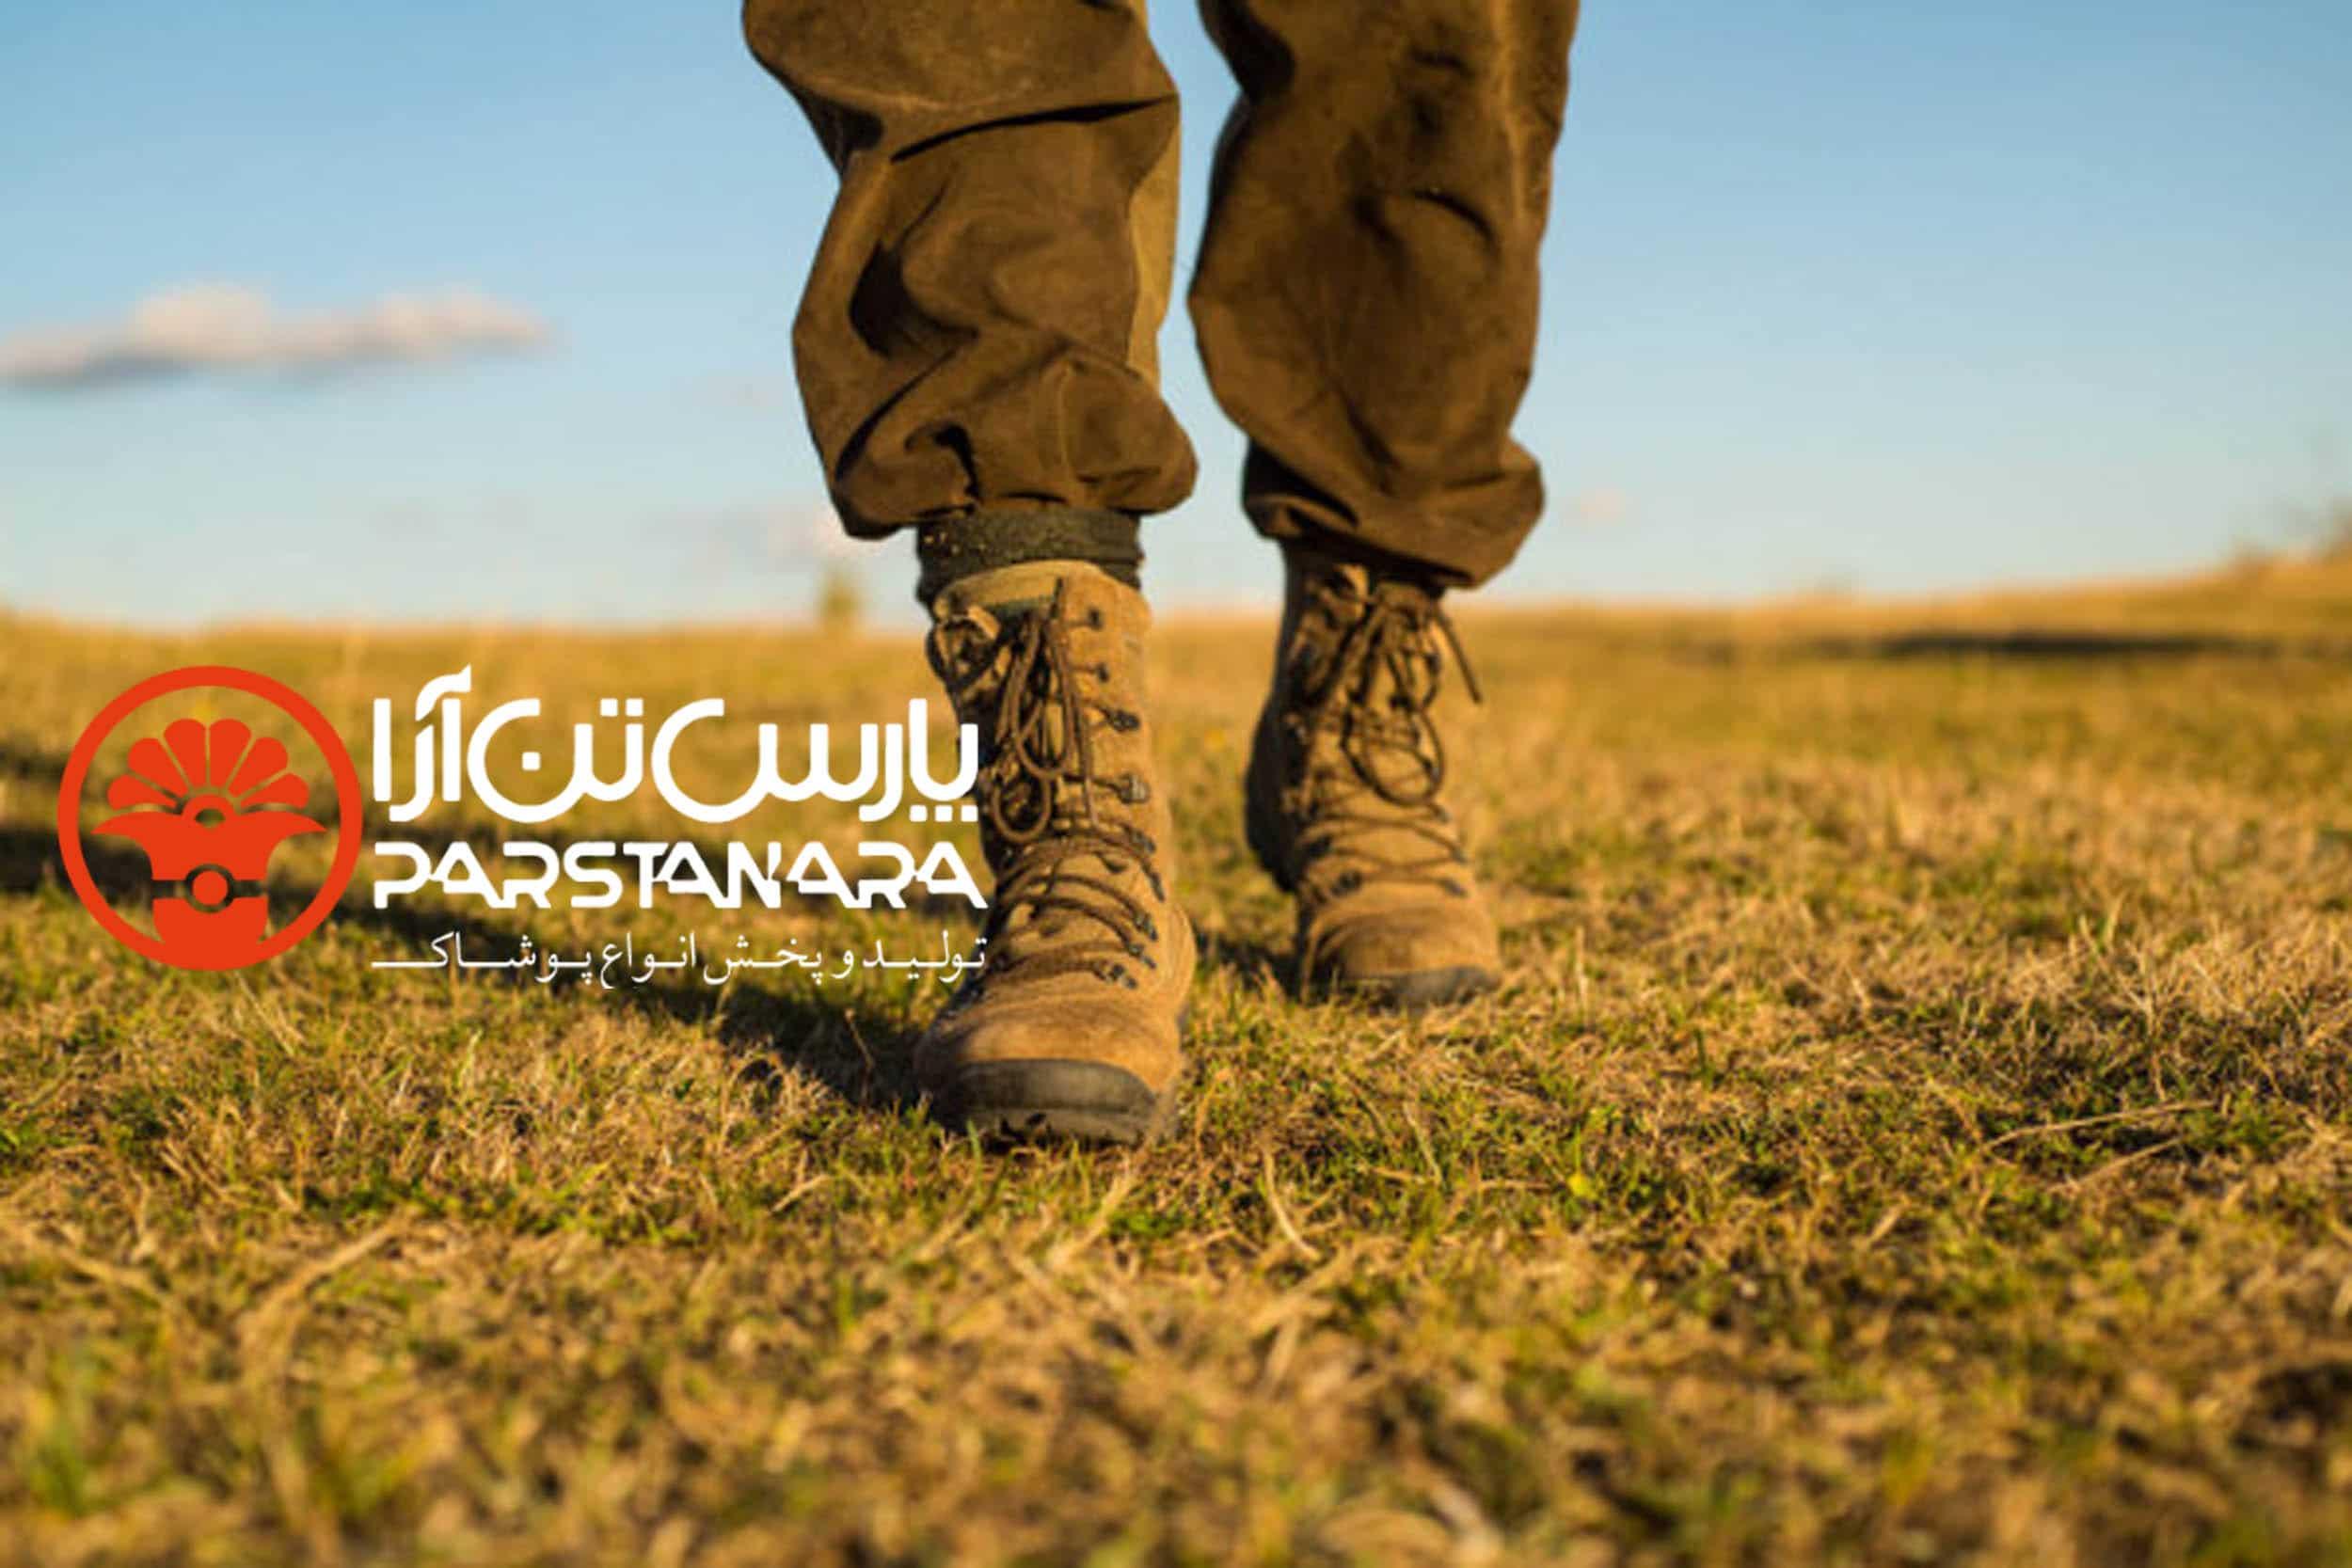 کفش نظامی چیست و چه ویژگیهایی دارد؟